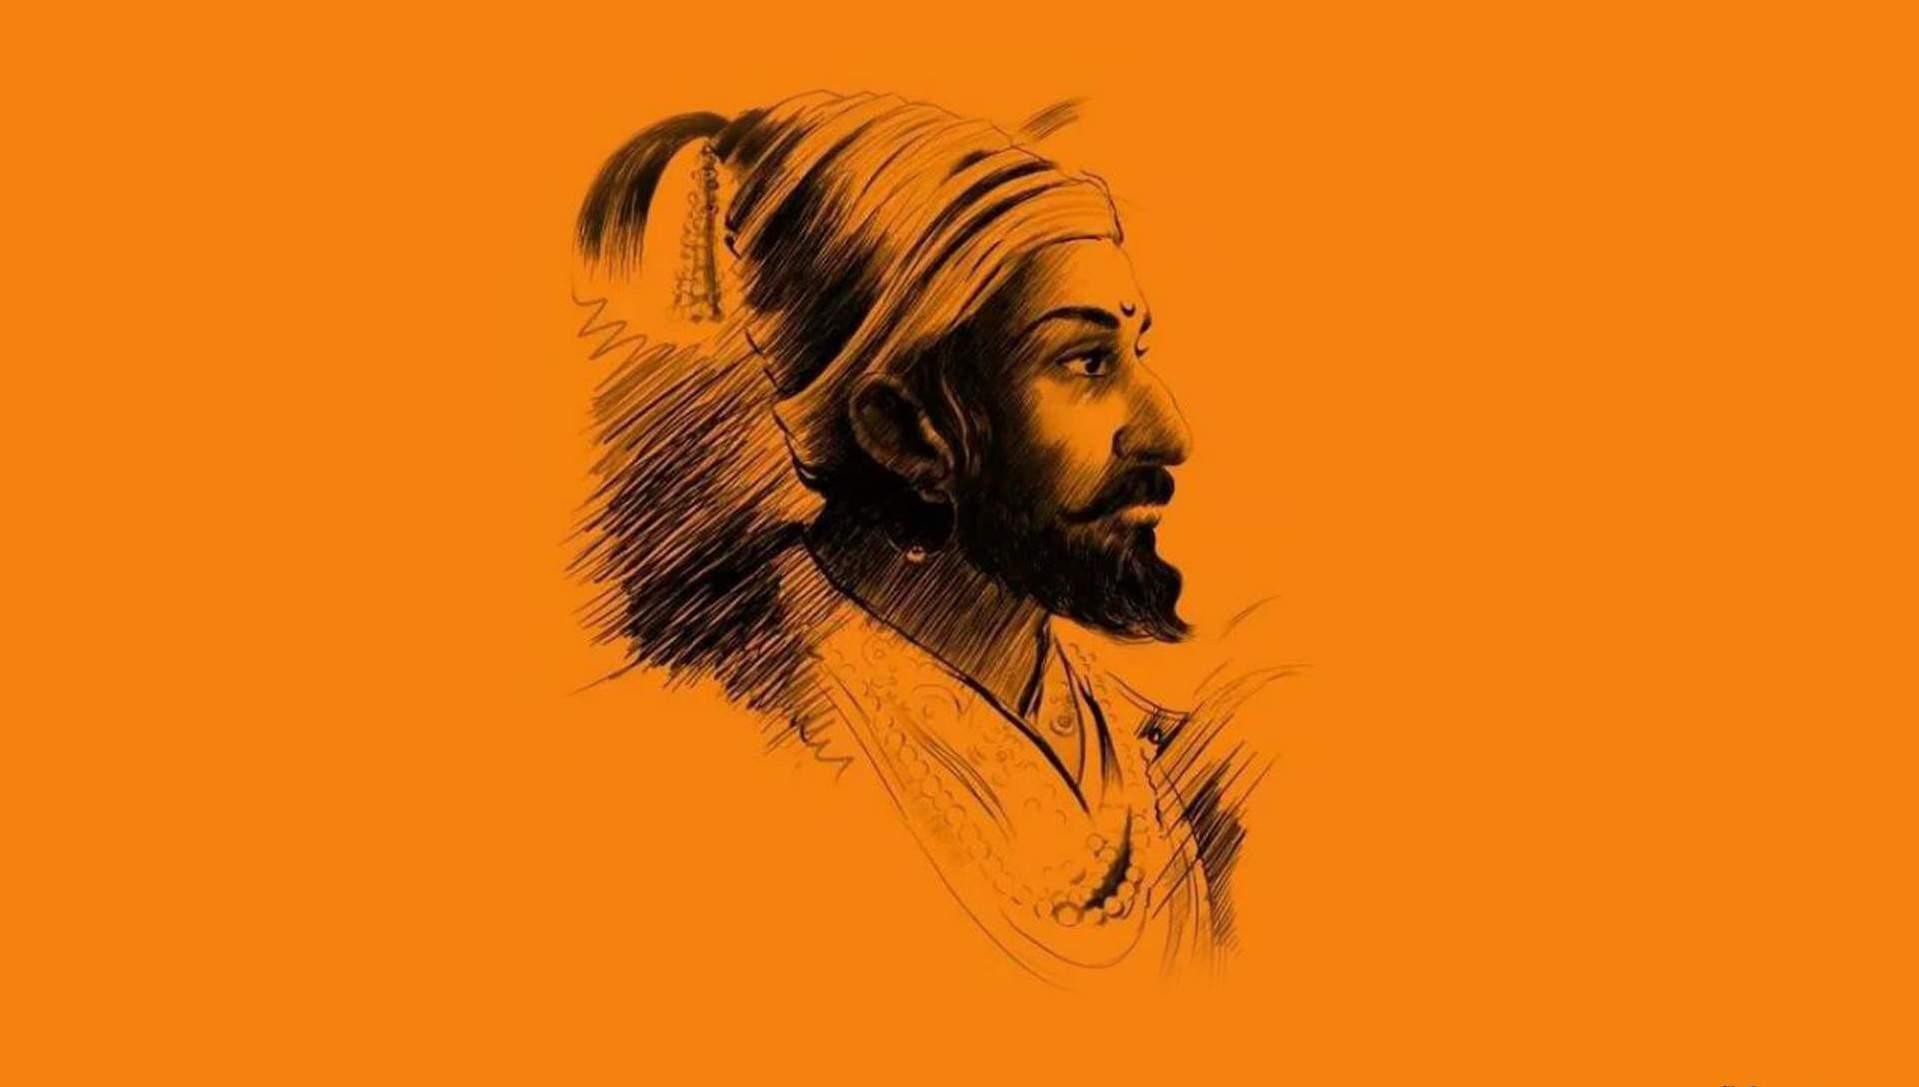 Shivaji Raje 3d Wallpaper भारत का वीर योद्धा छत्रपति शिवाजी Biography Of Shivaji